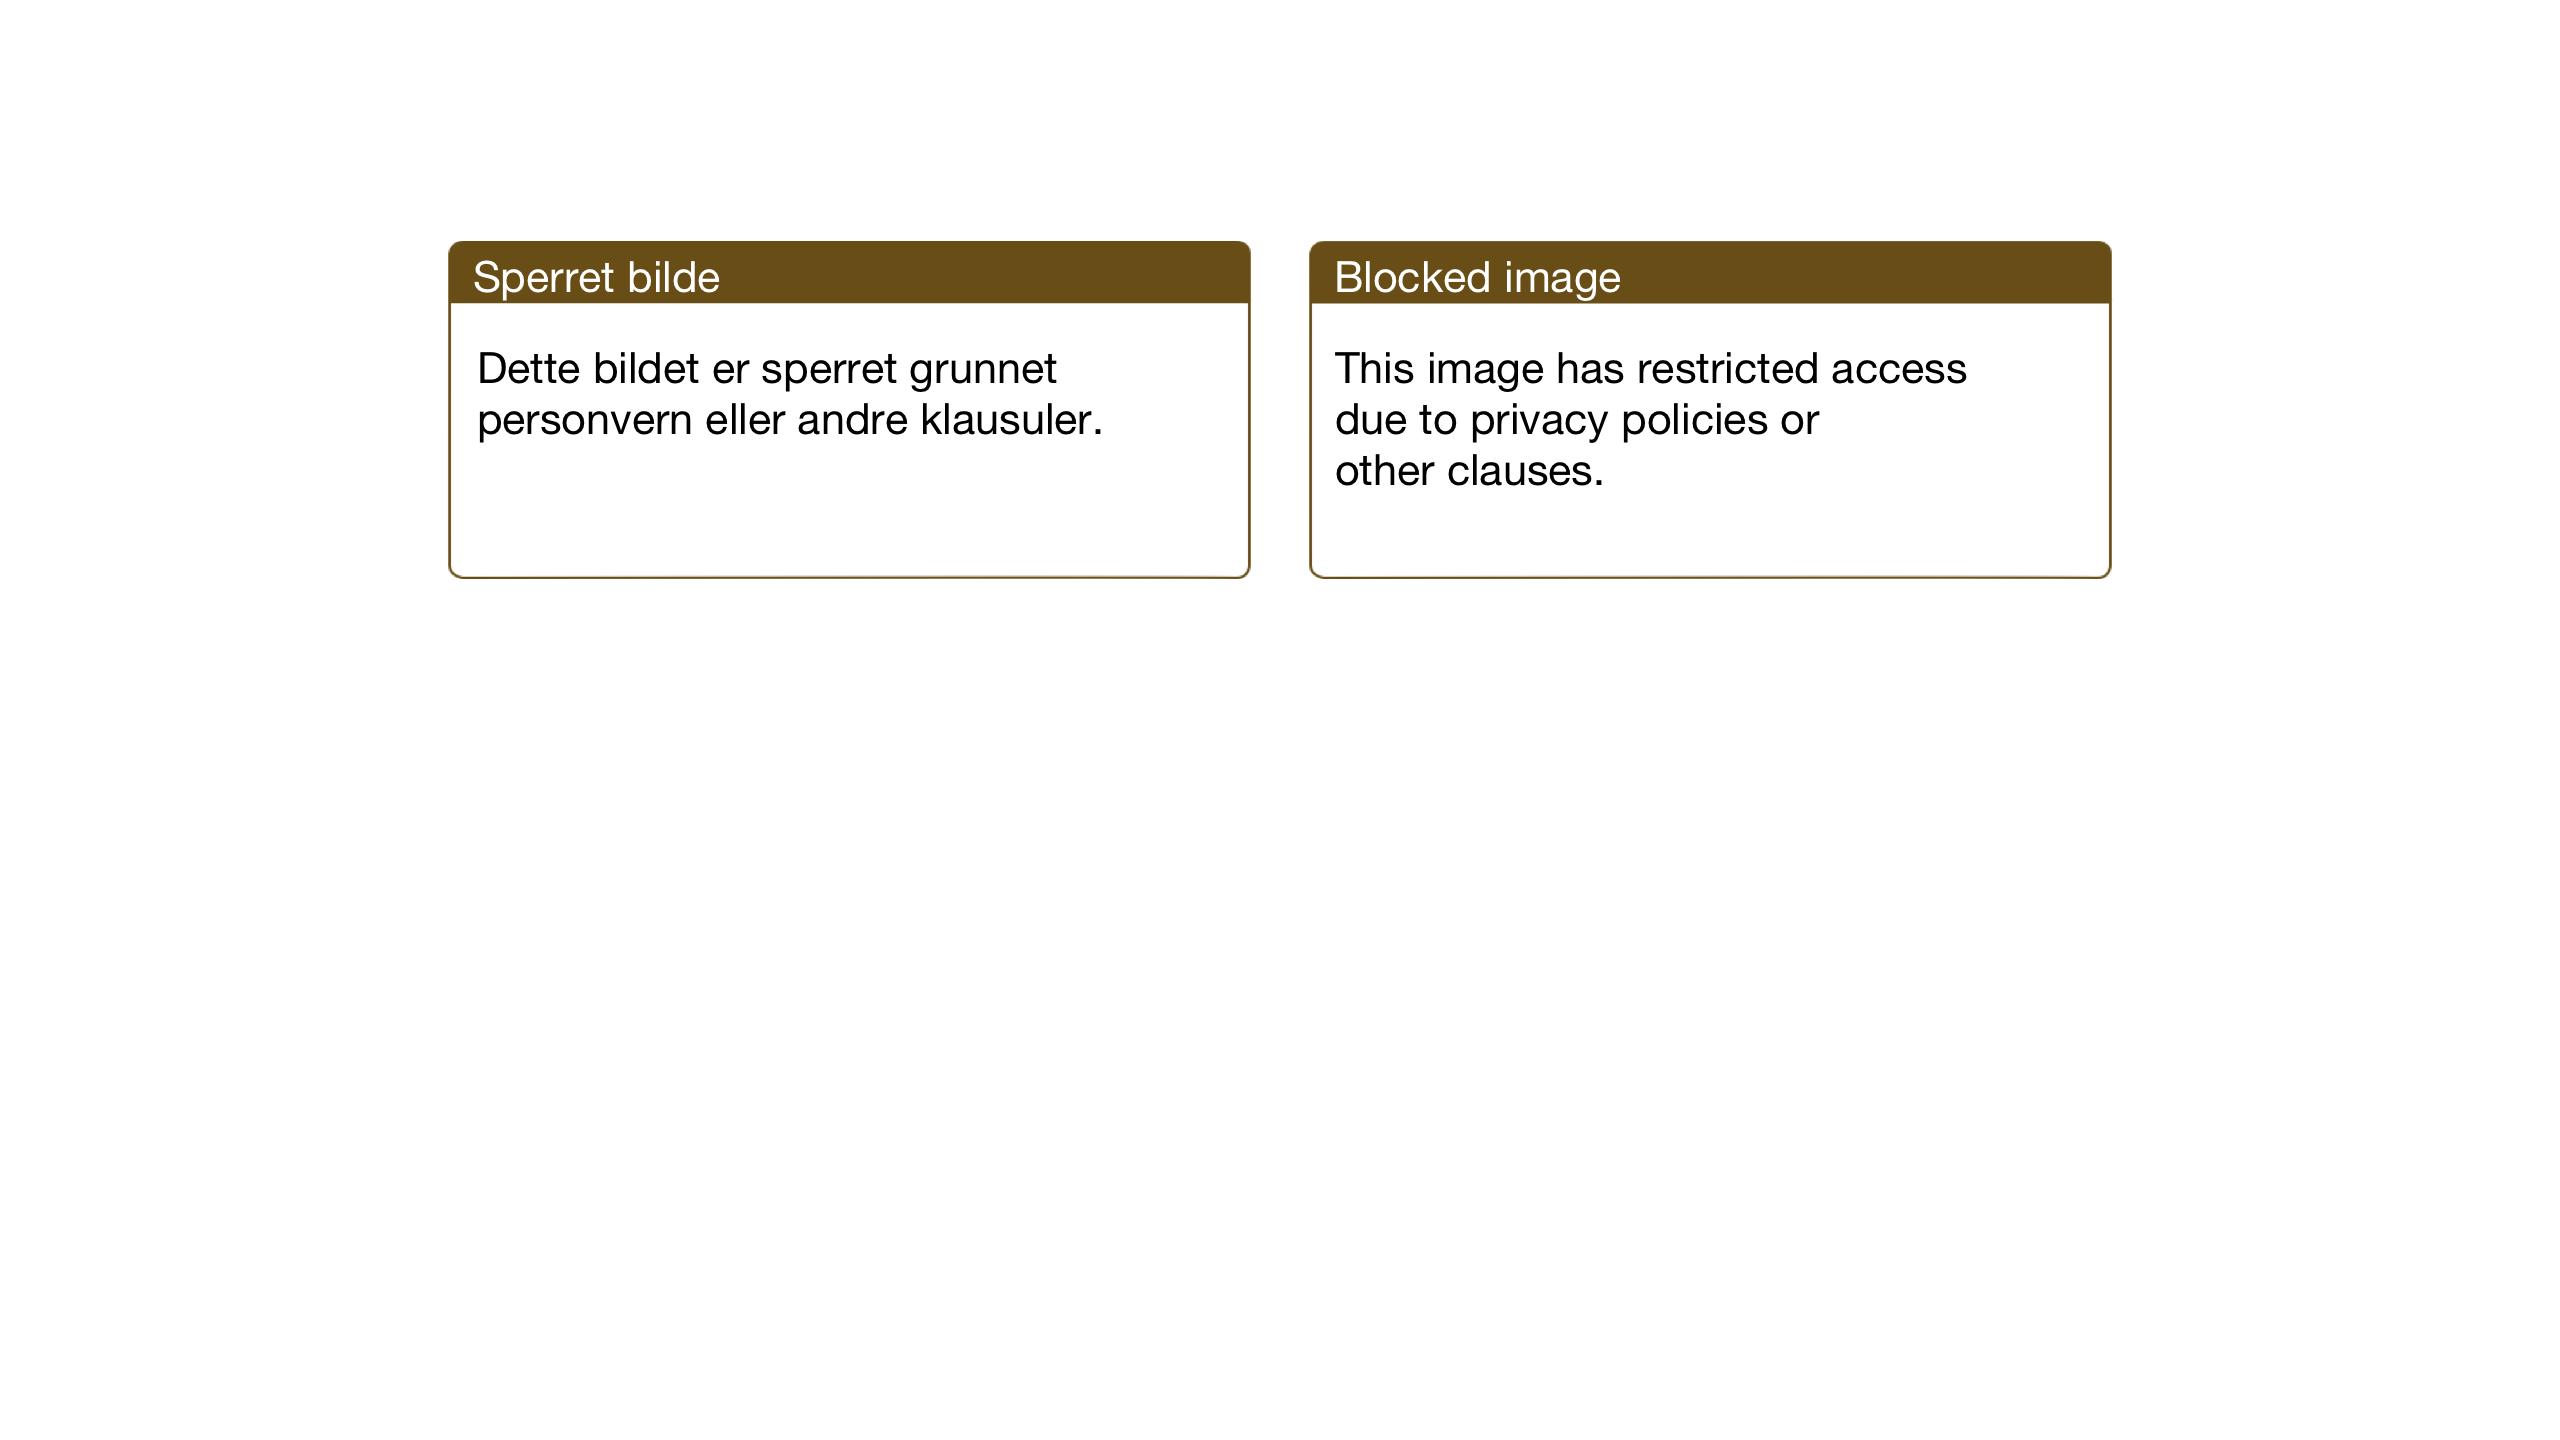 SAT, Ministerialprotokoller, klokkerbøker og fødselsregistre - Sør-Trøndelag, 698/L1169: Klokkerbok nr. 698C06, 1930-1949, s. 6